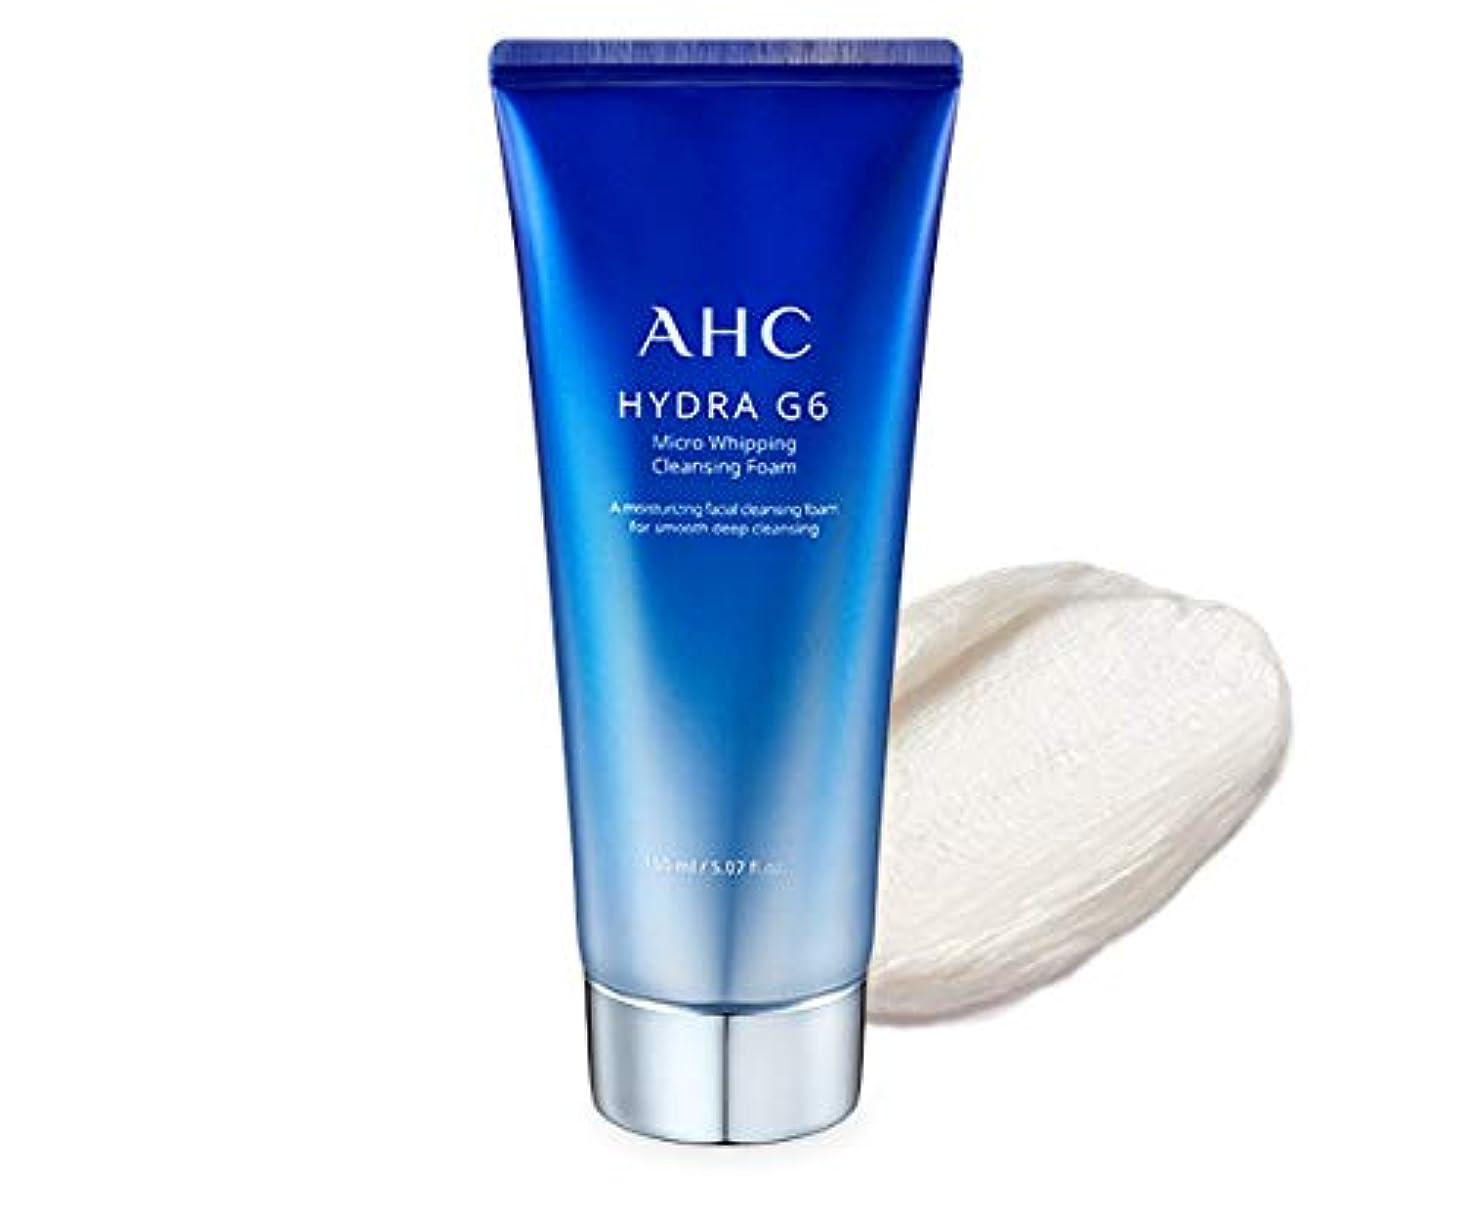 感度毒液渇きAHC ヒドラ G6 マイクロホイップクレンジングフォーム 150ml / Hydra G6 Micro Whipping Cleansing Foam 150ml